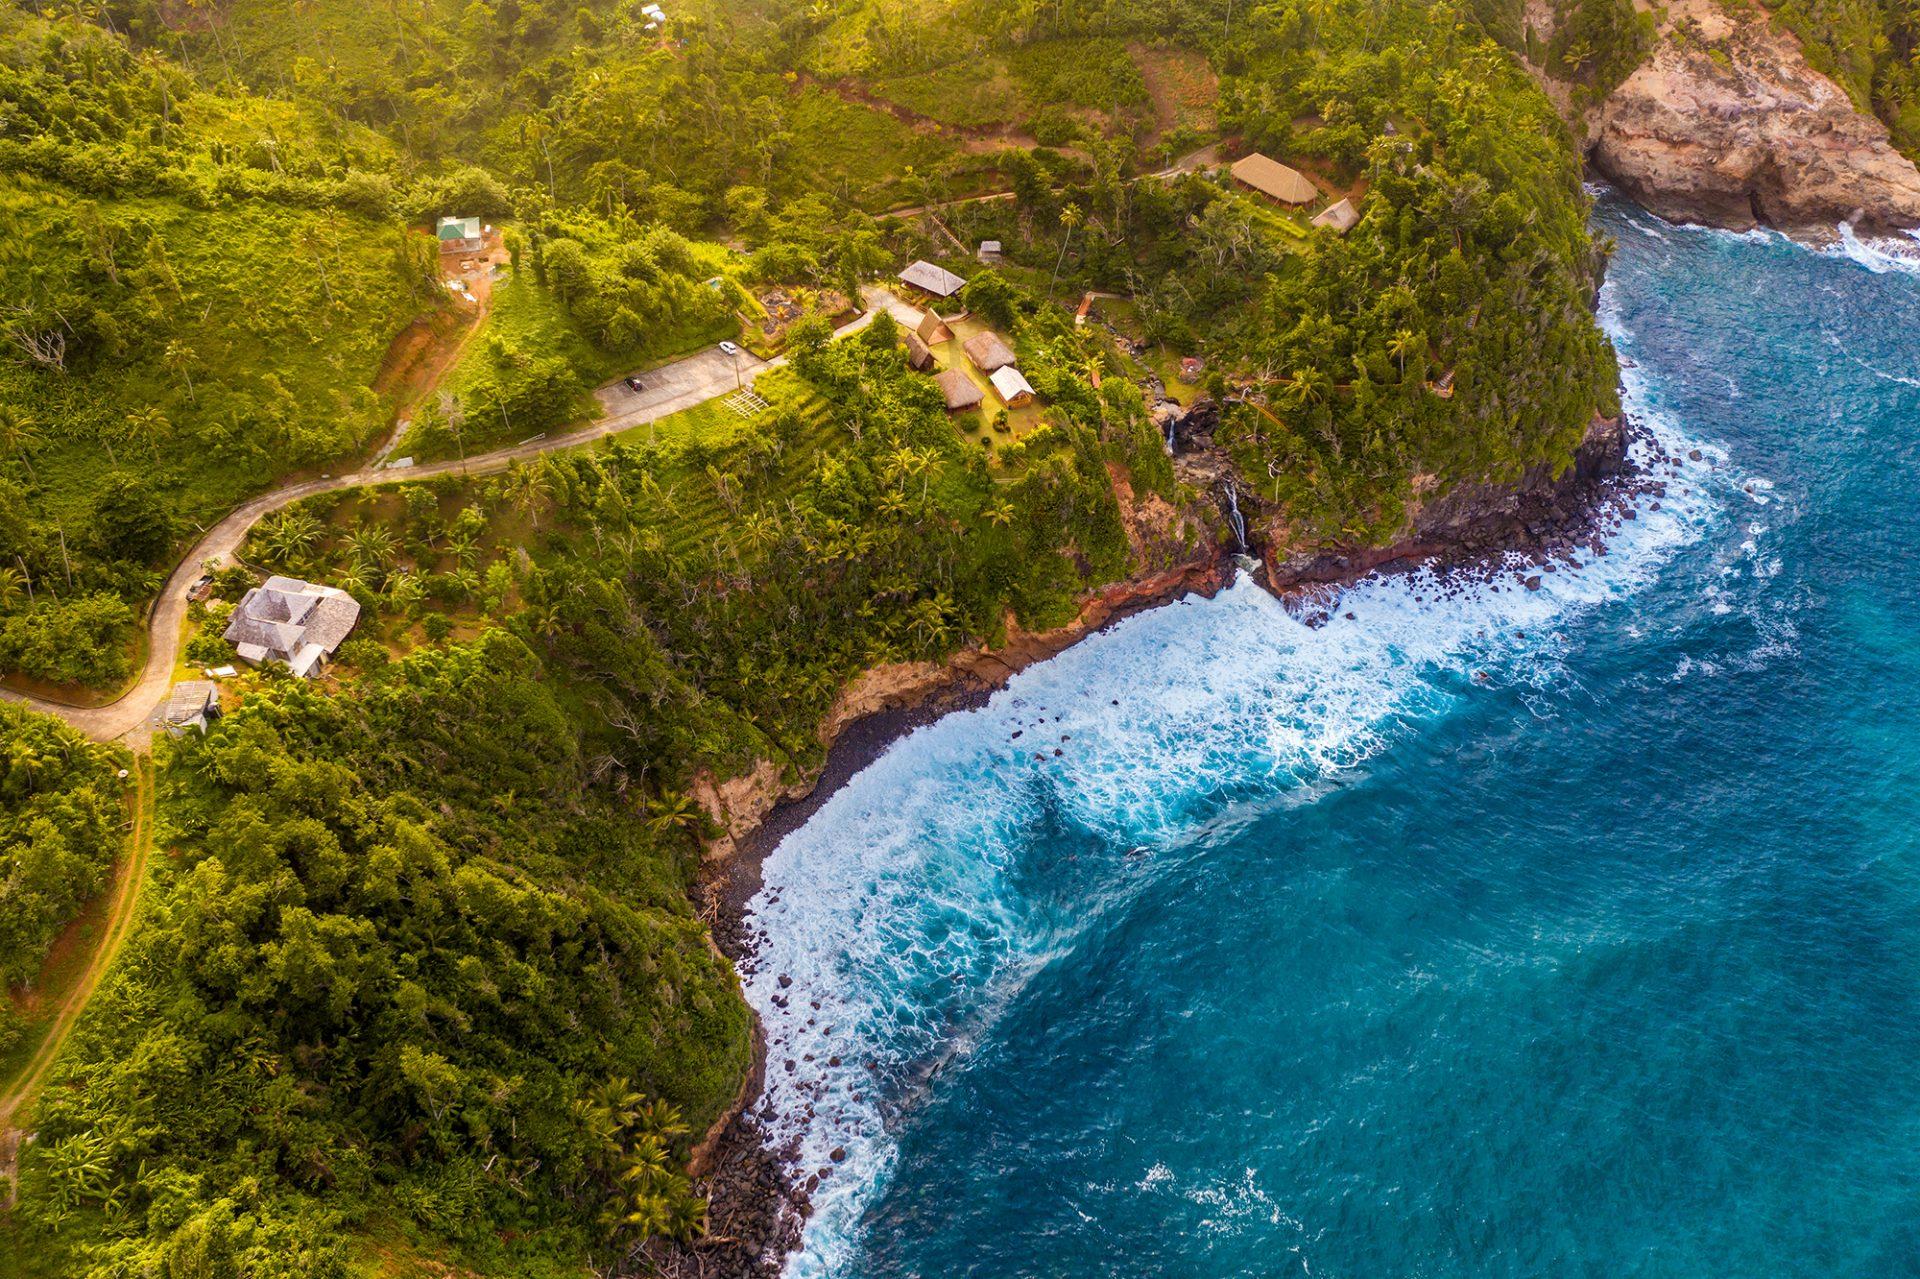 Voyage sur l'île de la Dominique: spots à ne pas manquer